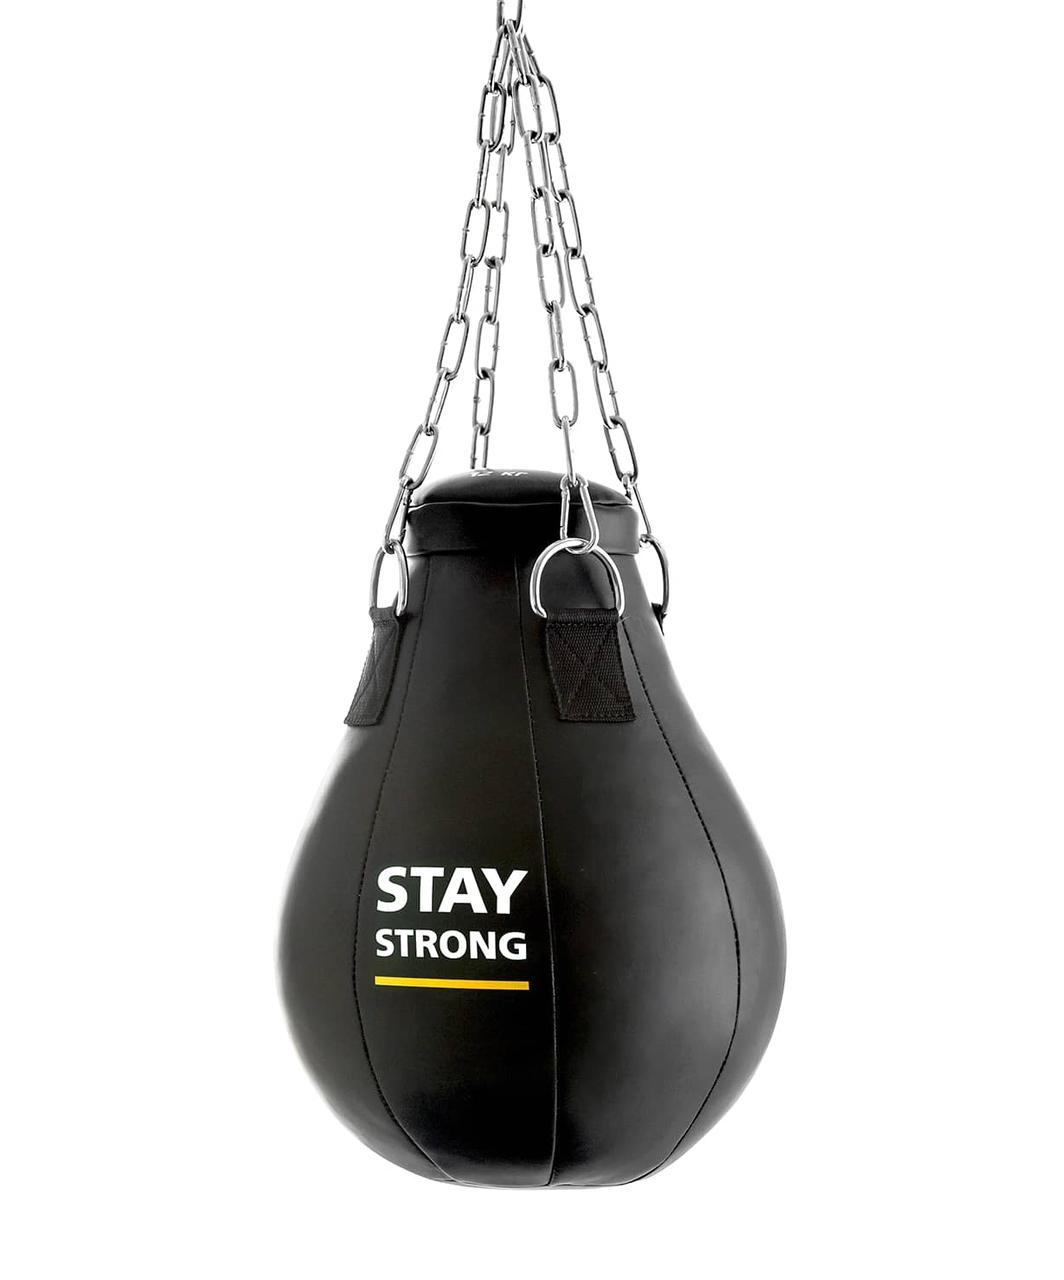 Груша боксерская Е522, кожзам, 12 кг, черный Effort